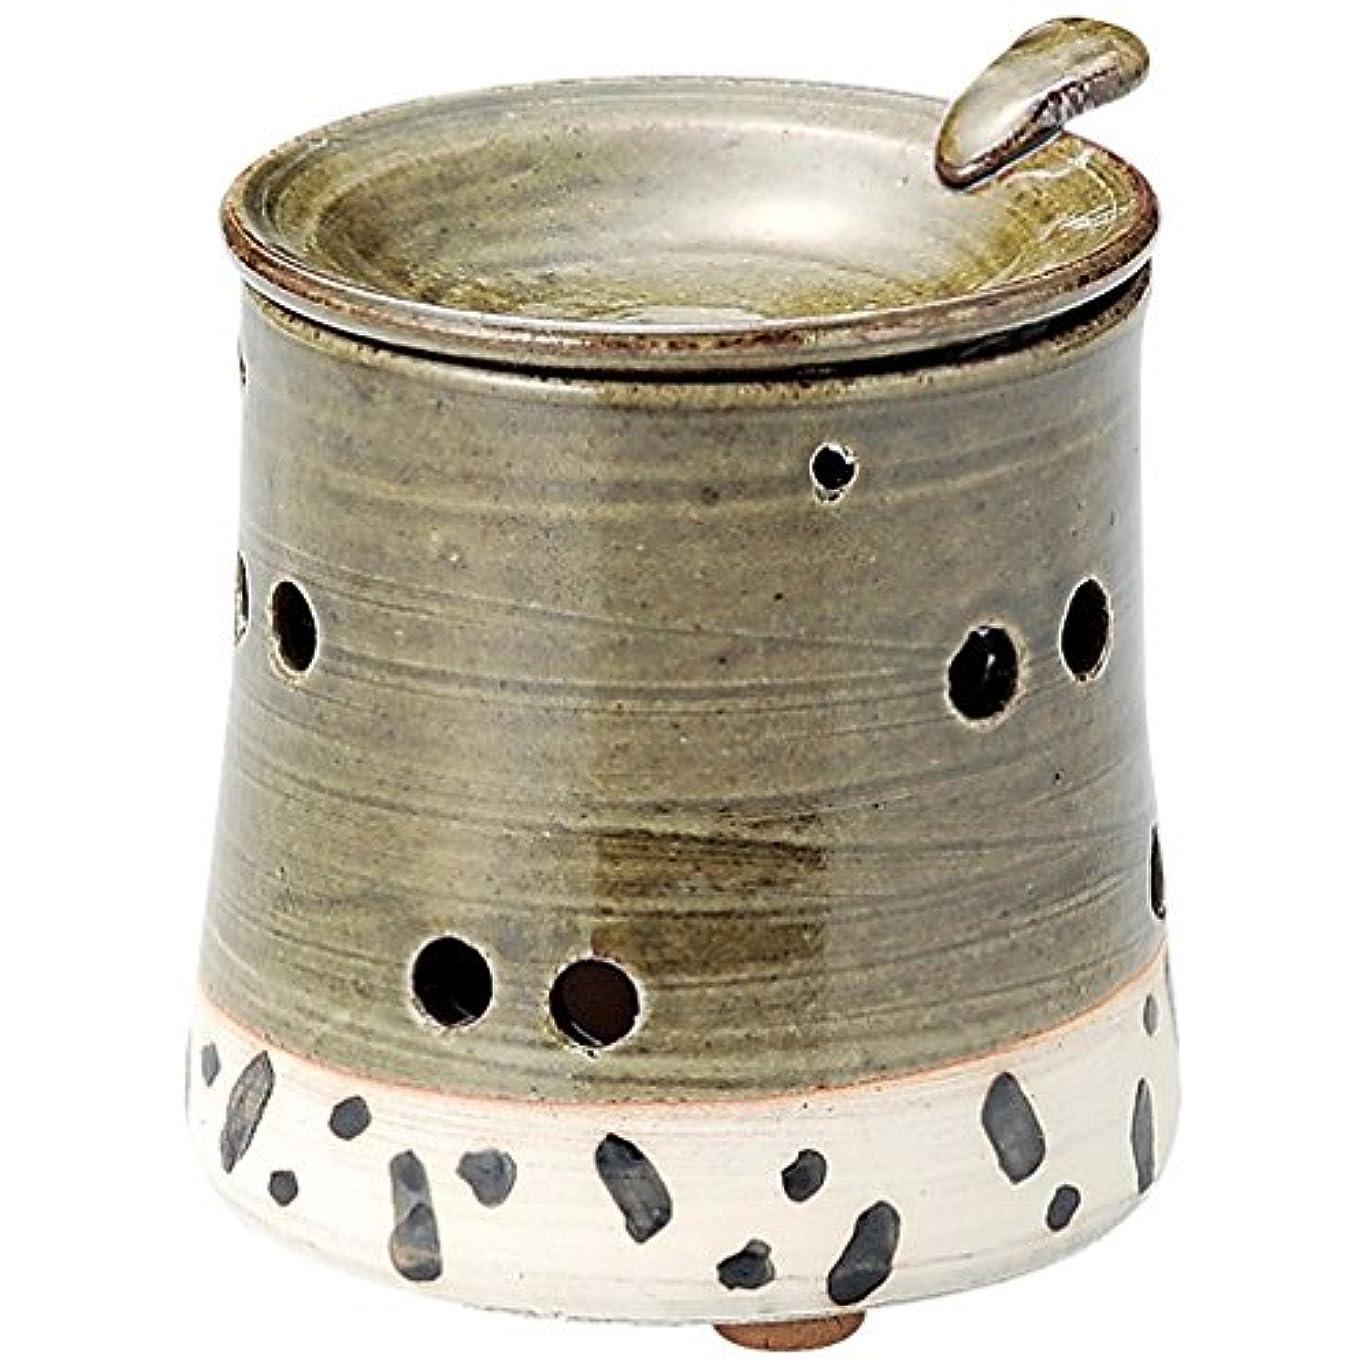 デンマークいう気質山下工芸 常滑焼 山田織部釉茶香炉 10×9.5×9.5cm 13045680